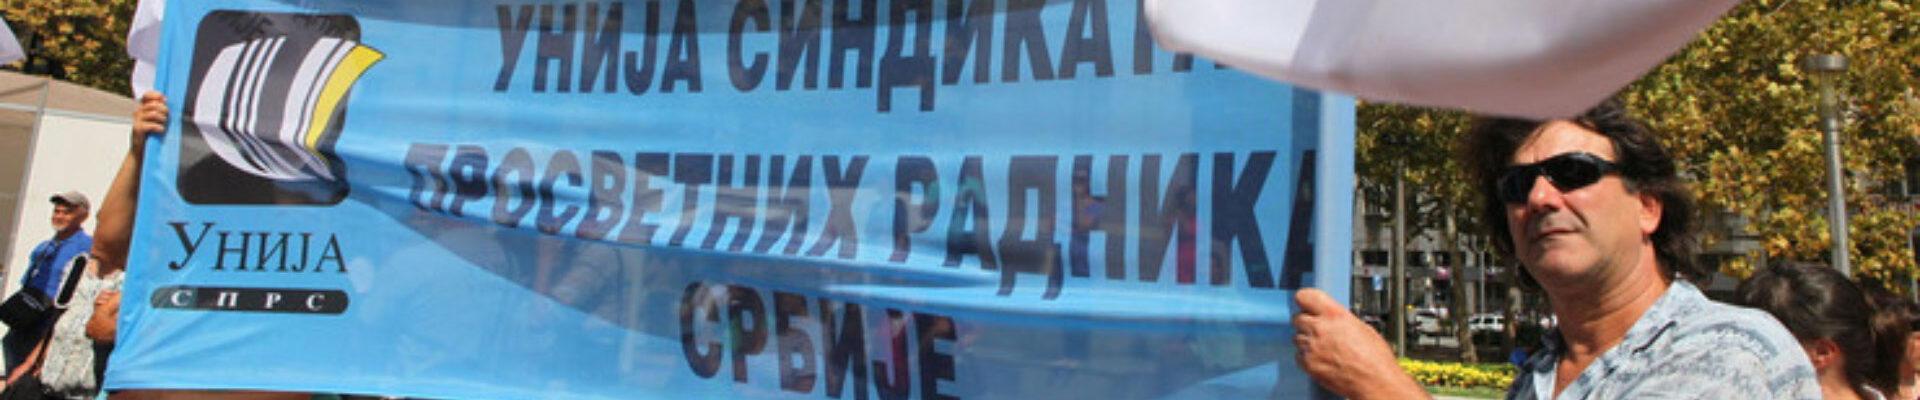 Podrška peticiji koju je pokrenula Unija sindikata prosvetnih radnika Srbije!